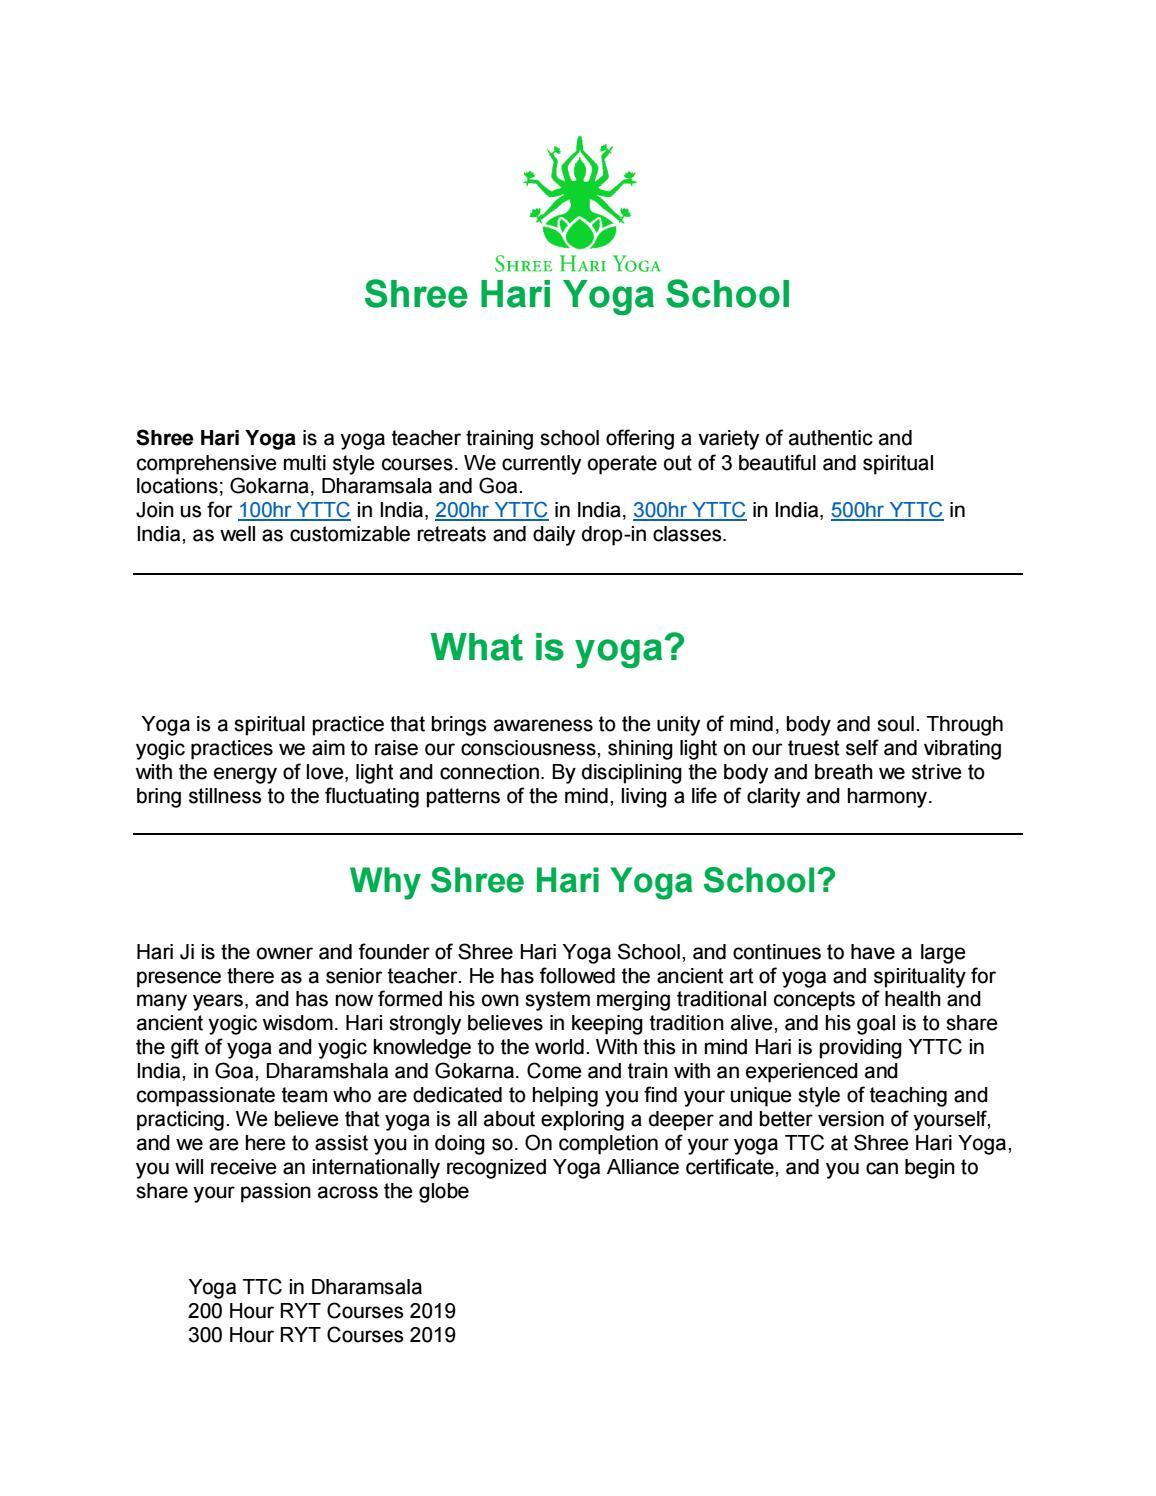 Multistyle Yoga School by haristyleyoga - issuu